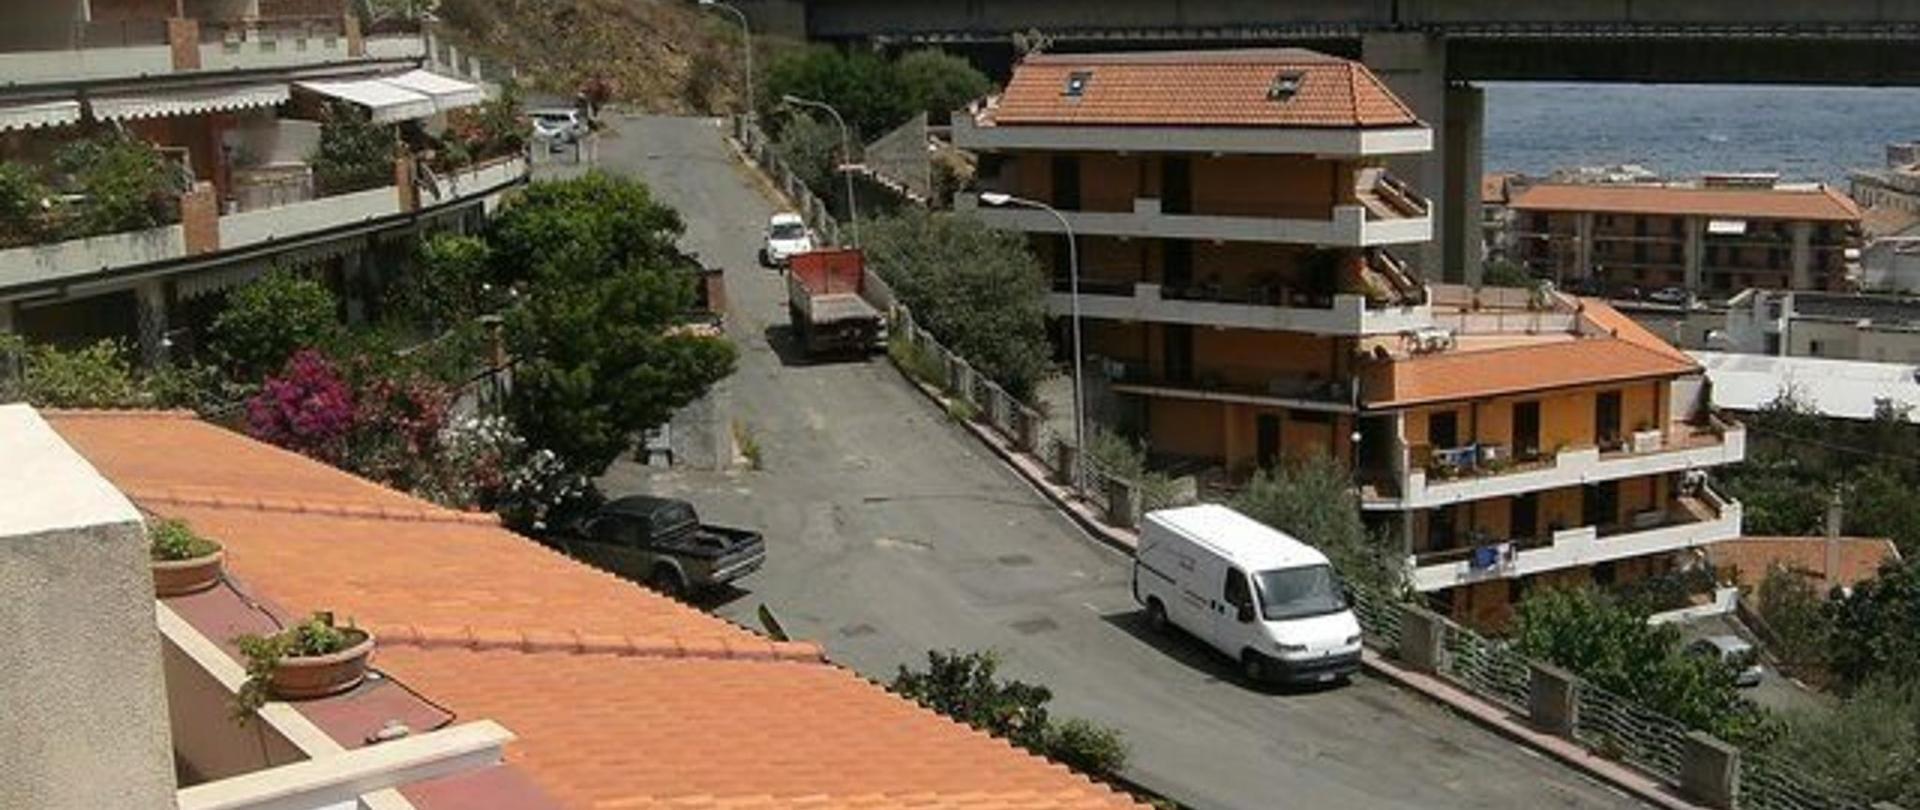 rsz_esterno_parcheggio_casa7.jpg